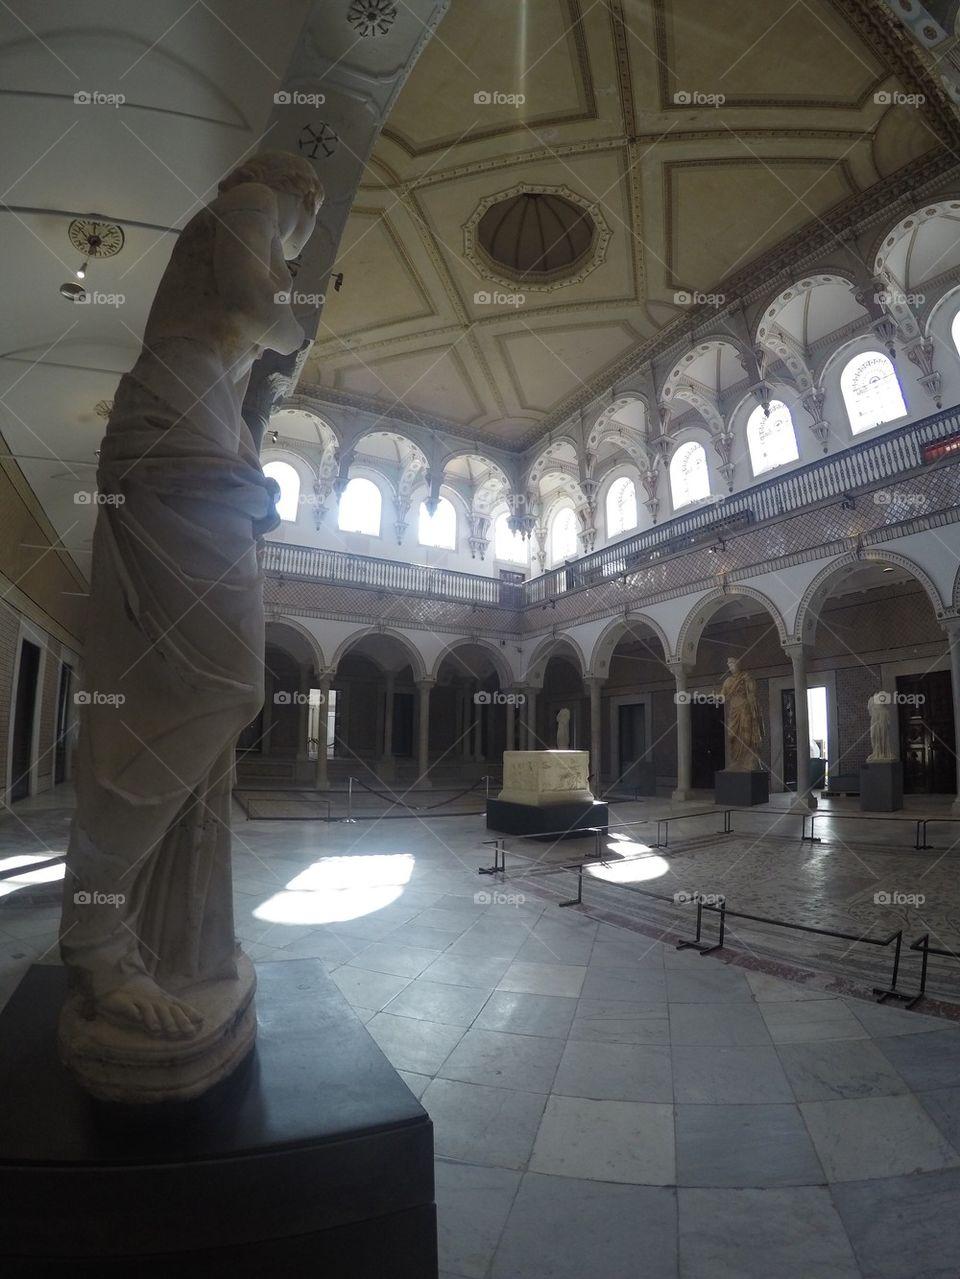 Bardo museum in Tunis, Tunisia